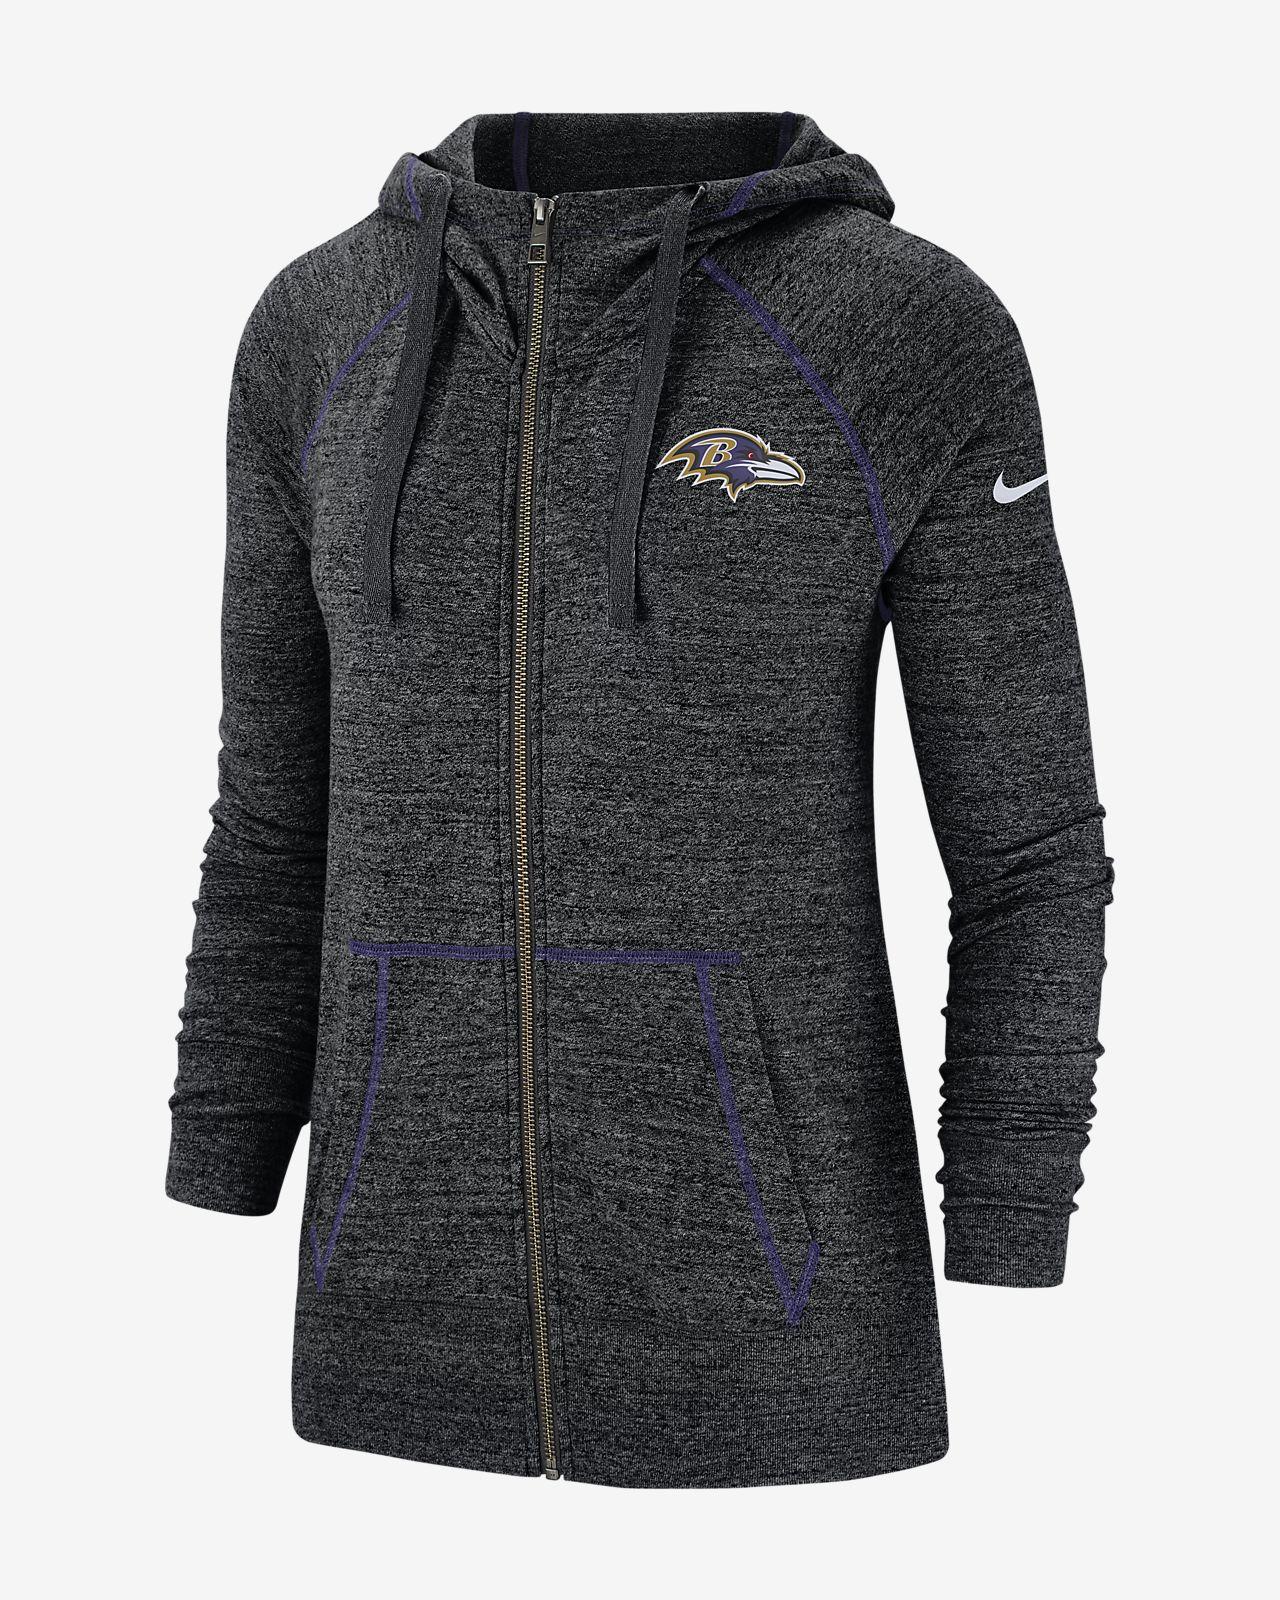 Nike Gym Vintage (NFL Ravens) Women's Full-Zip Hoodie